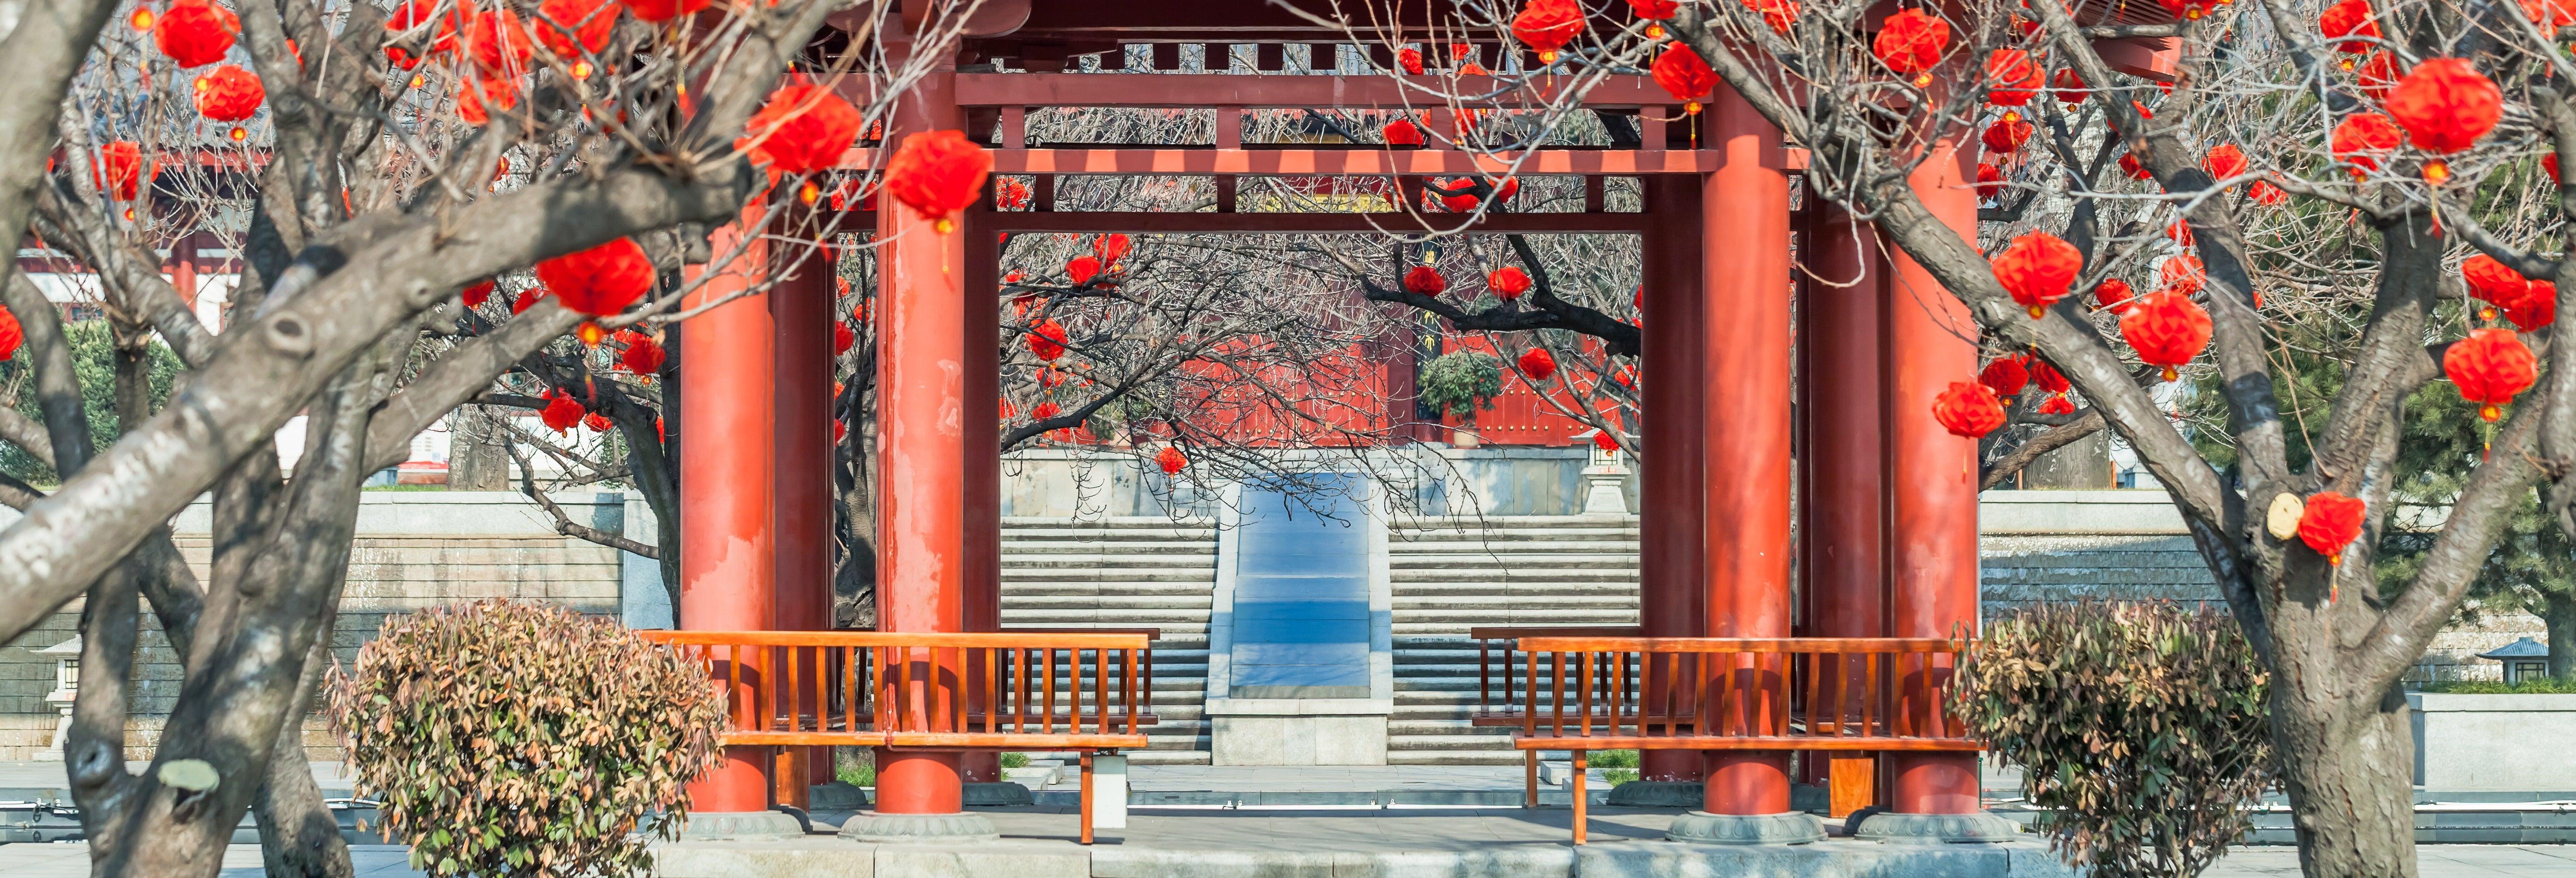 Visita guiada privada por Xián con guía en español